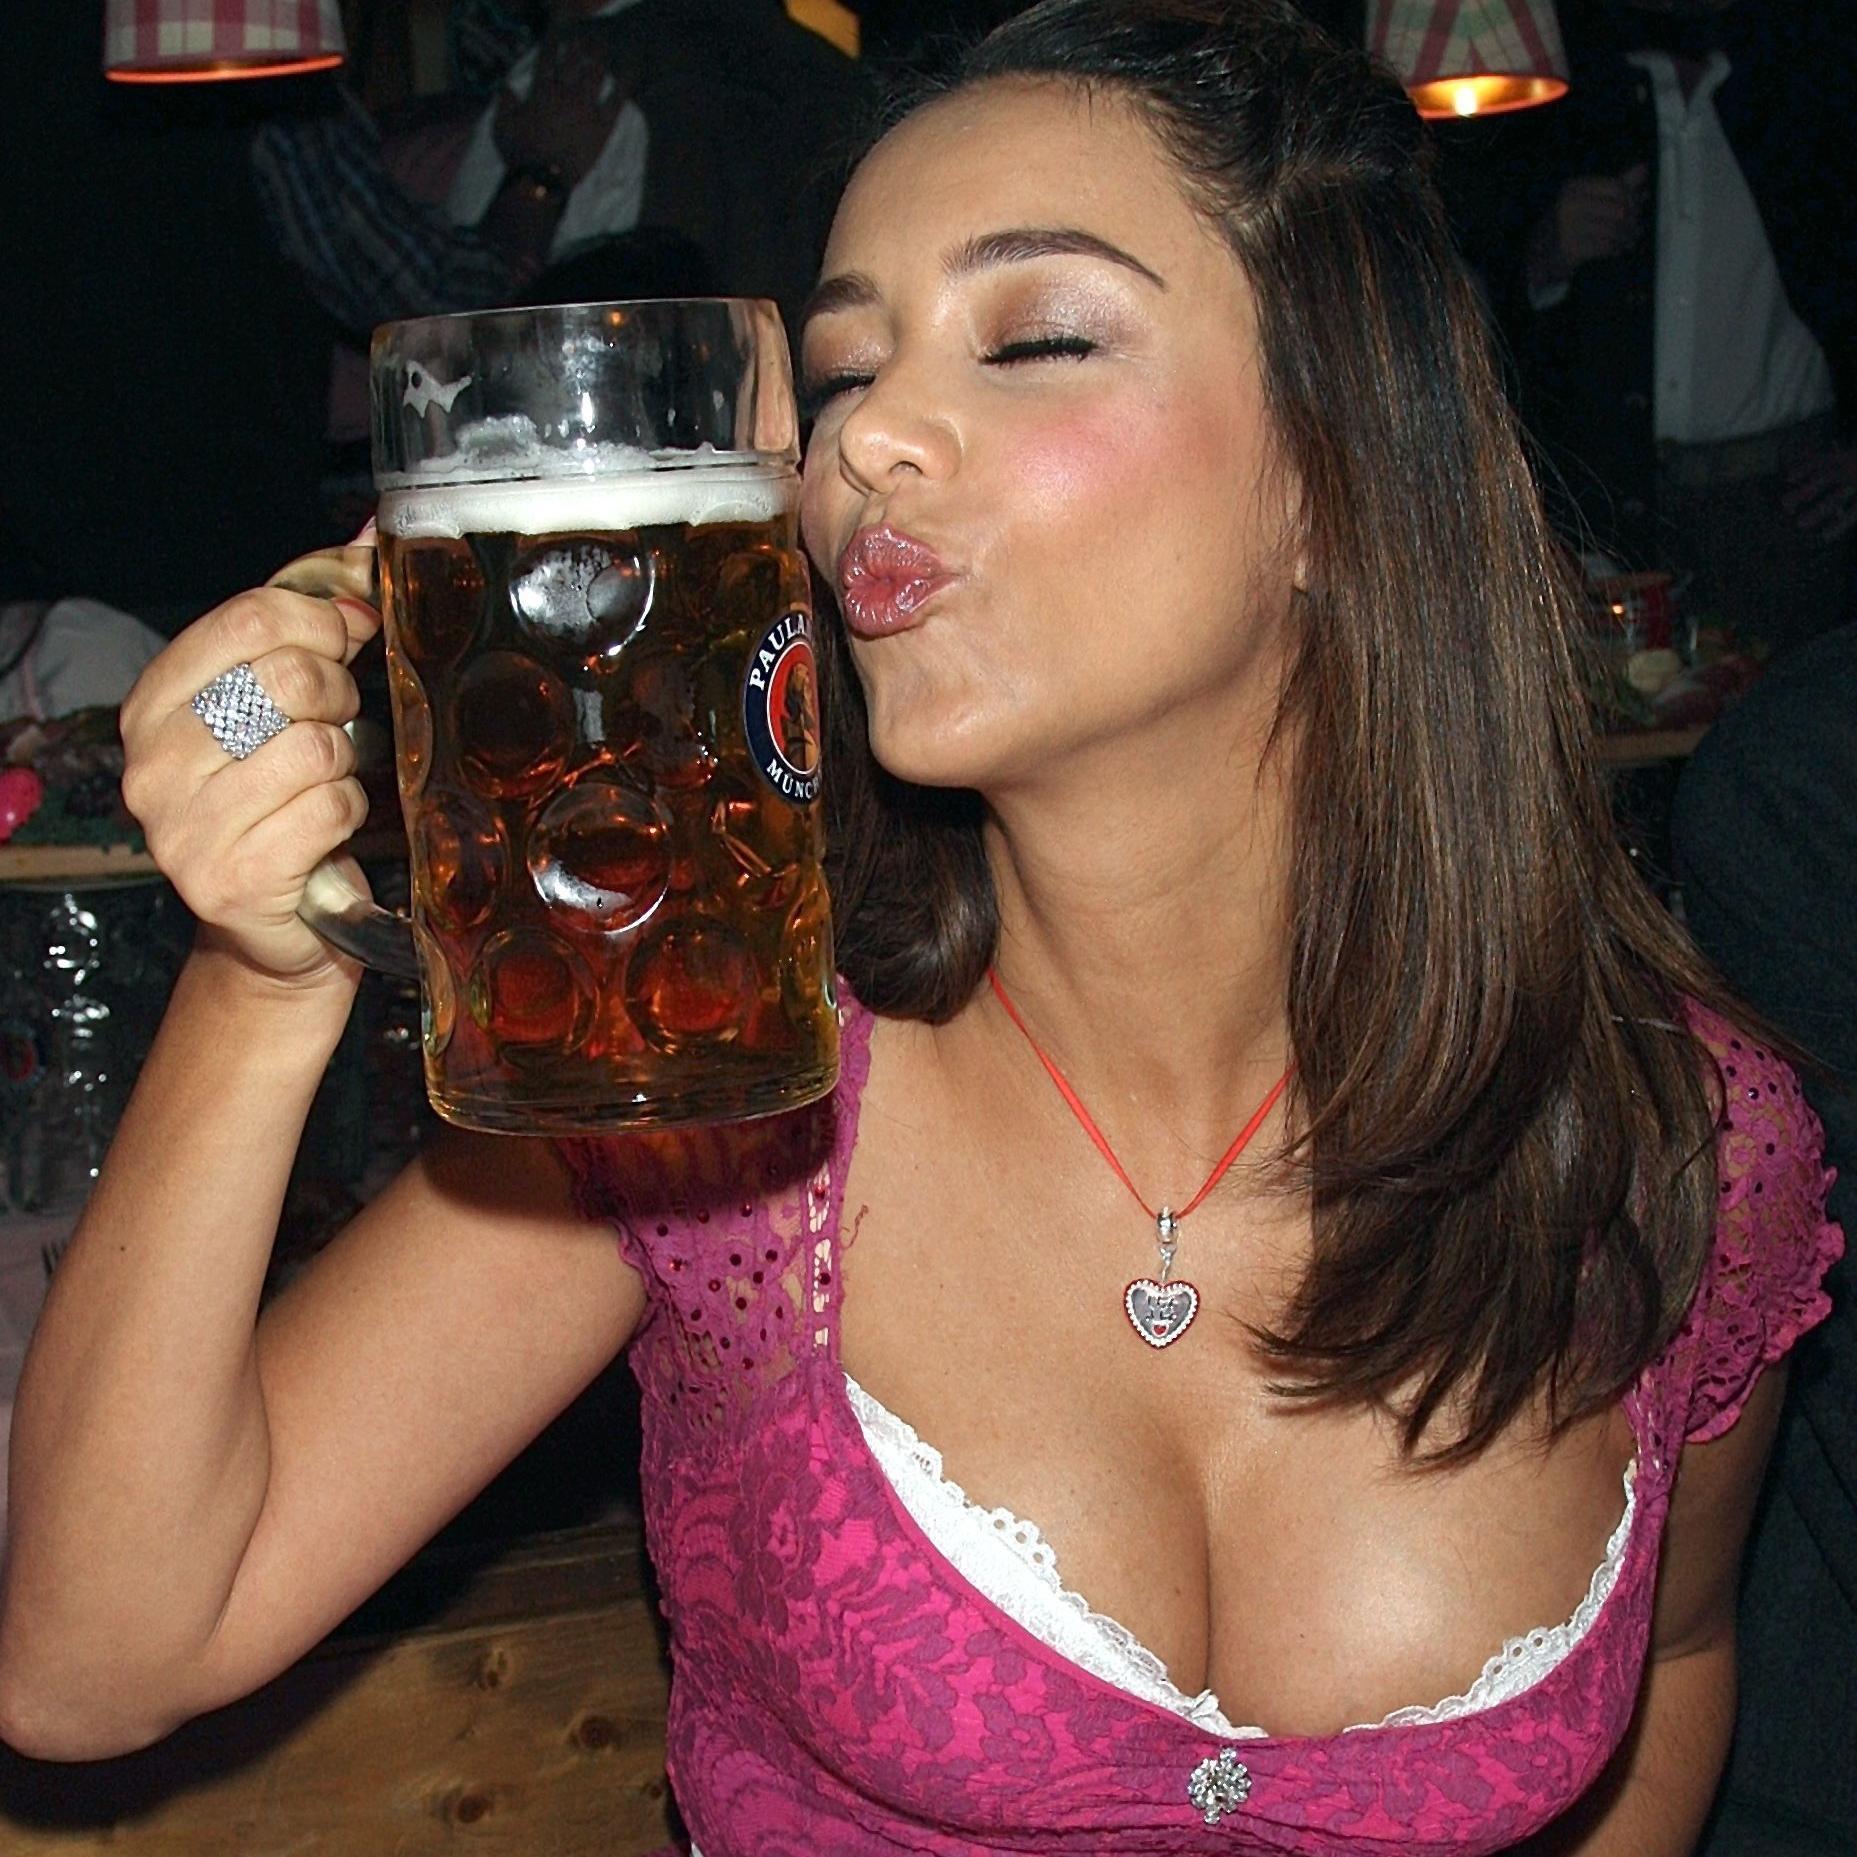 пьяные девушки красивые необходимости кольпоскопию